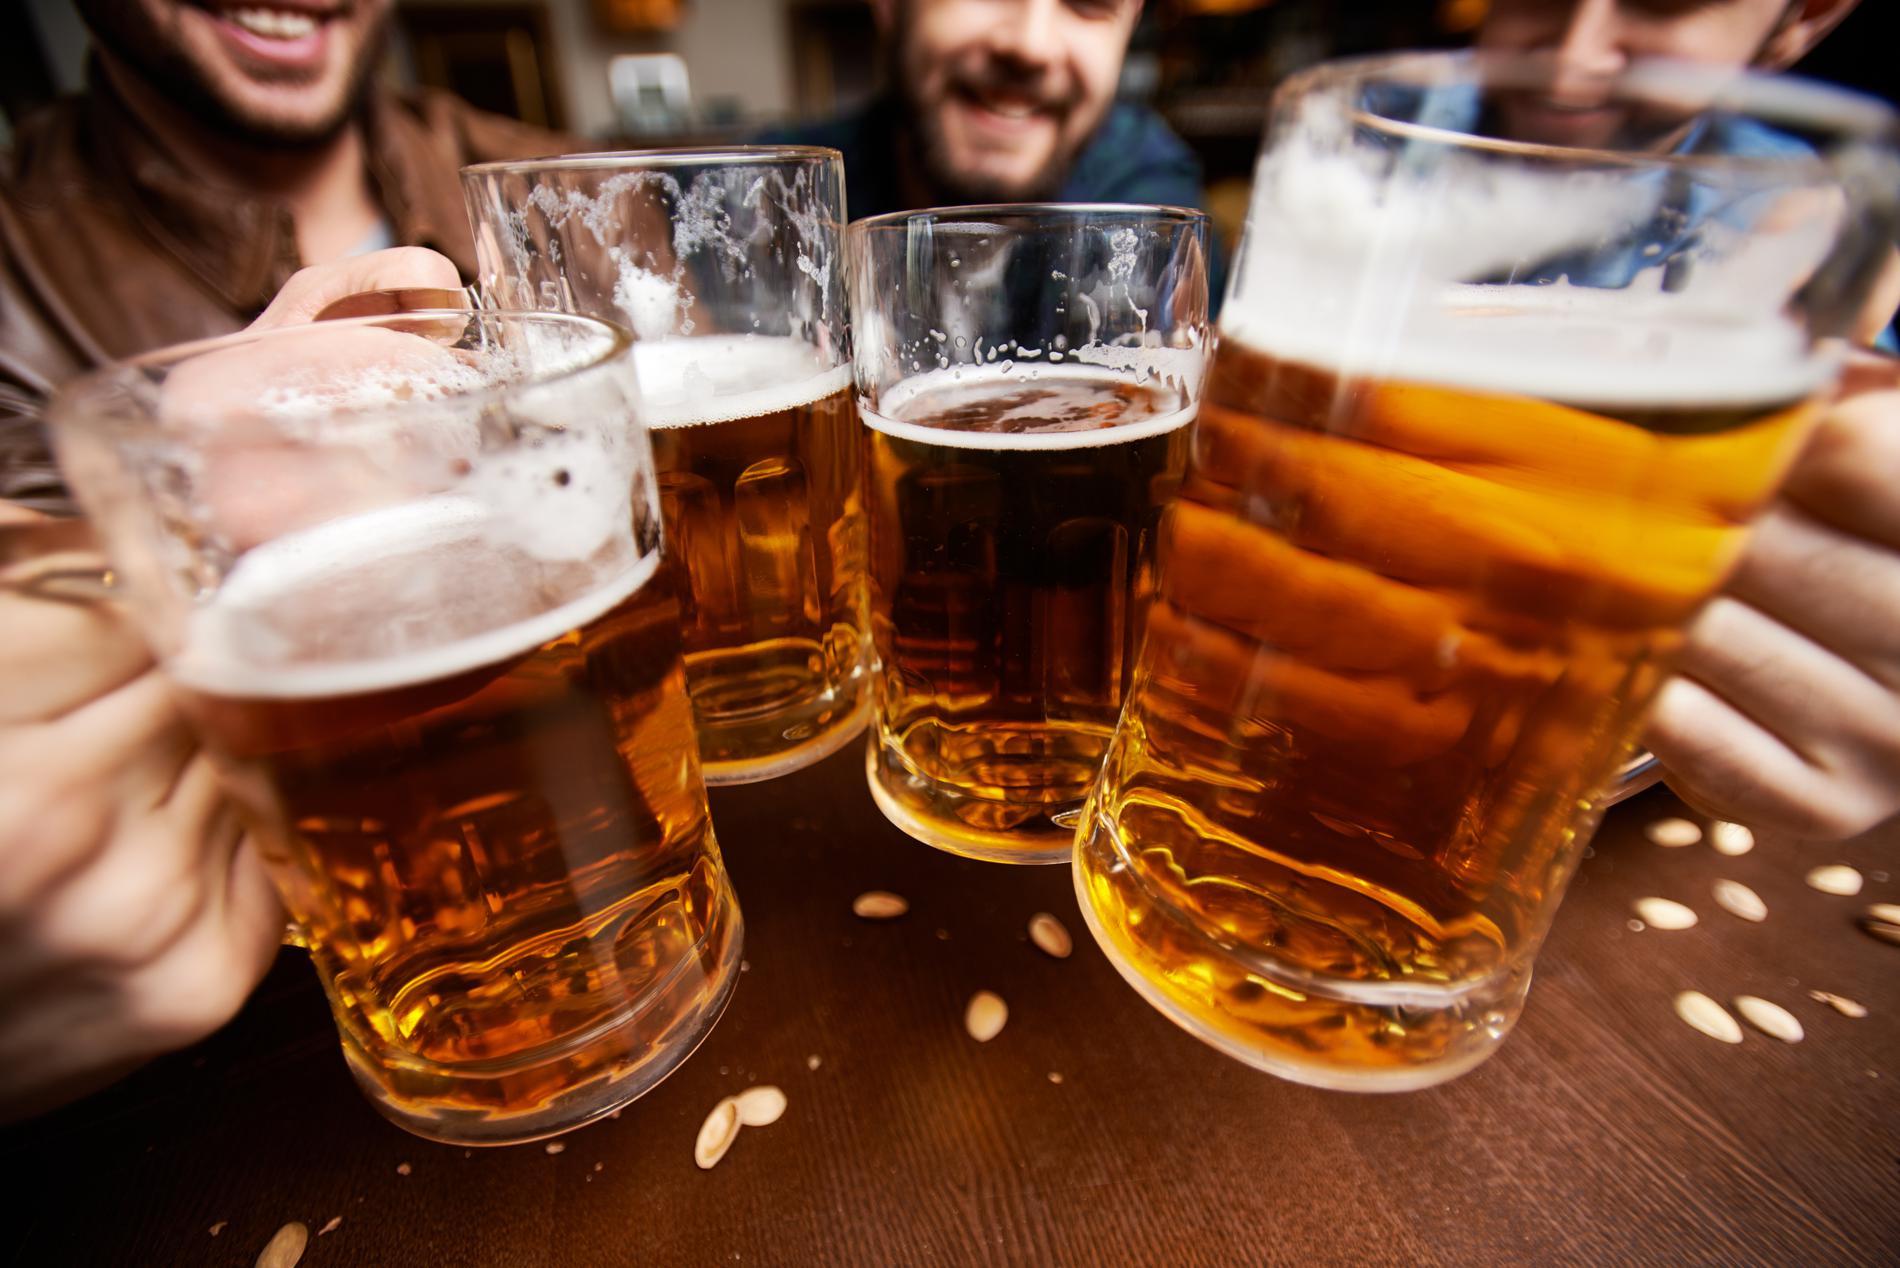 [maths 2de] Limiter les dégâts à la rentrée 2017 - Page 20 Comment-la-biere-est-devenue-the-boisson-